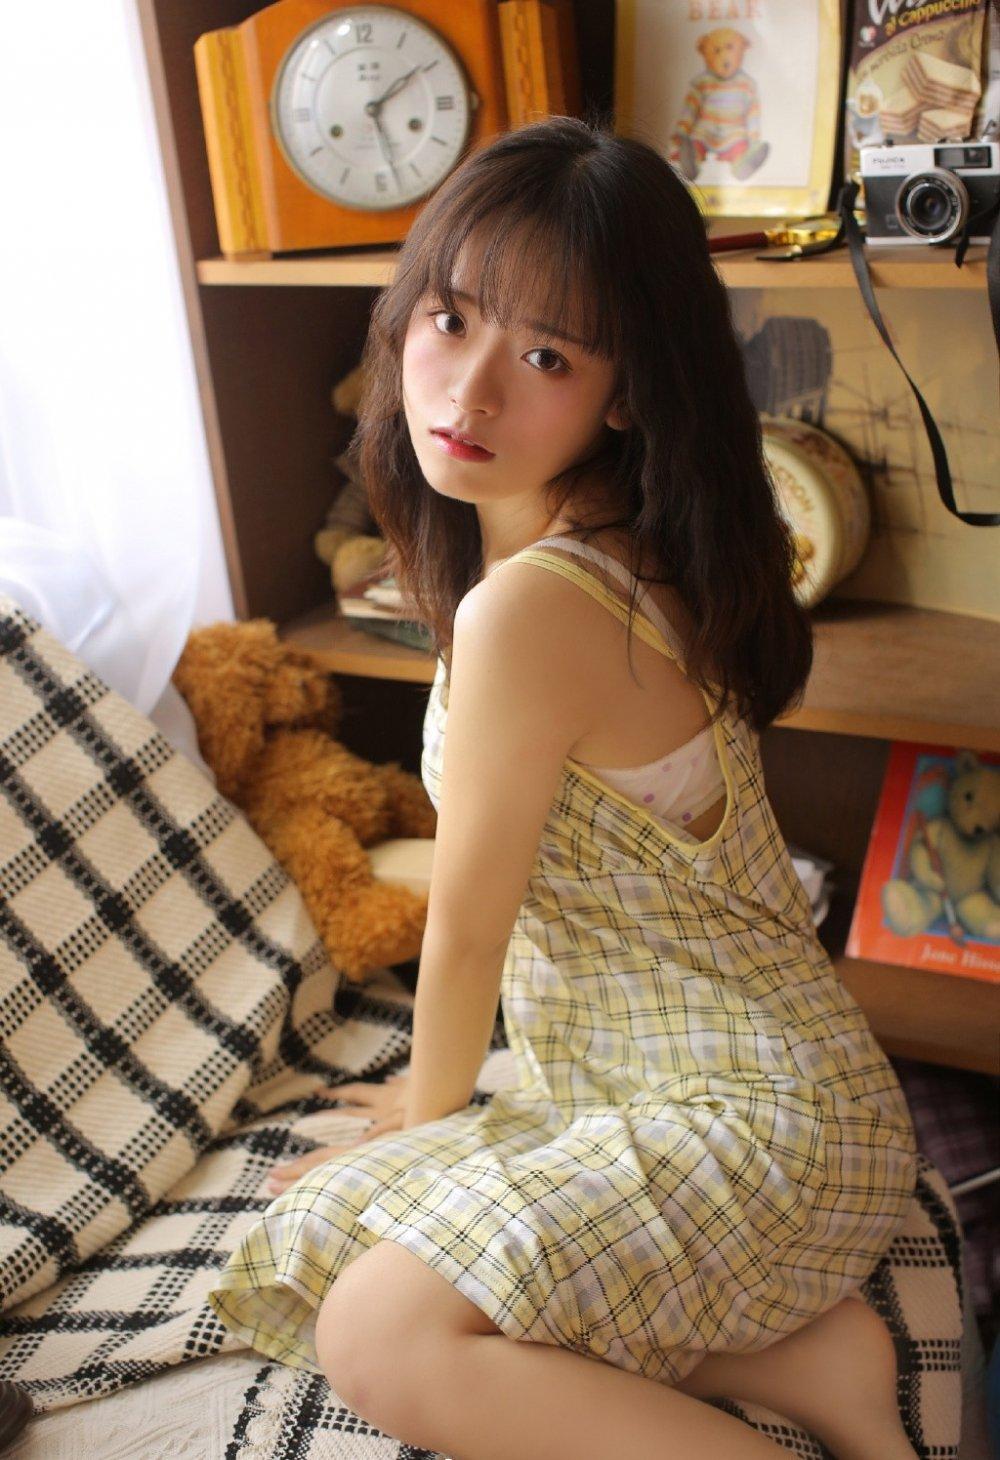 小清新美女萝莉少女写真